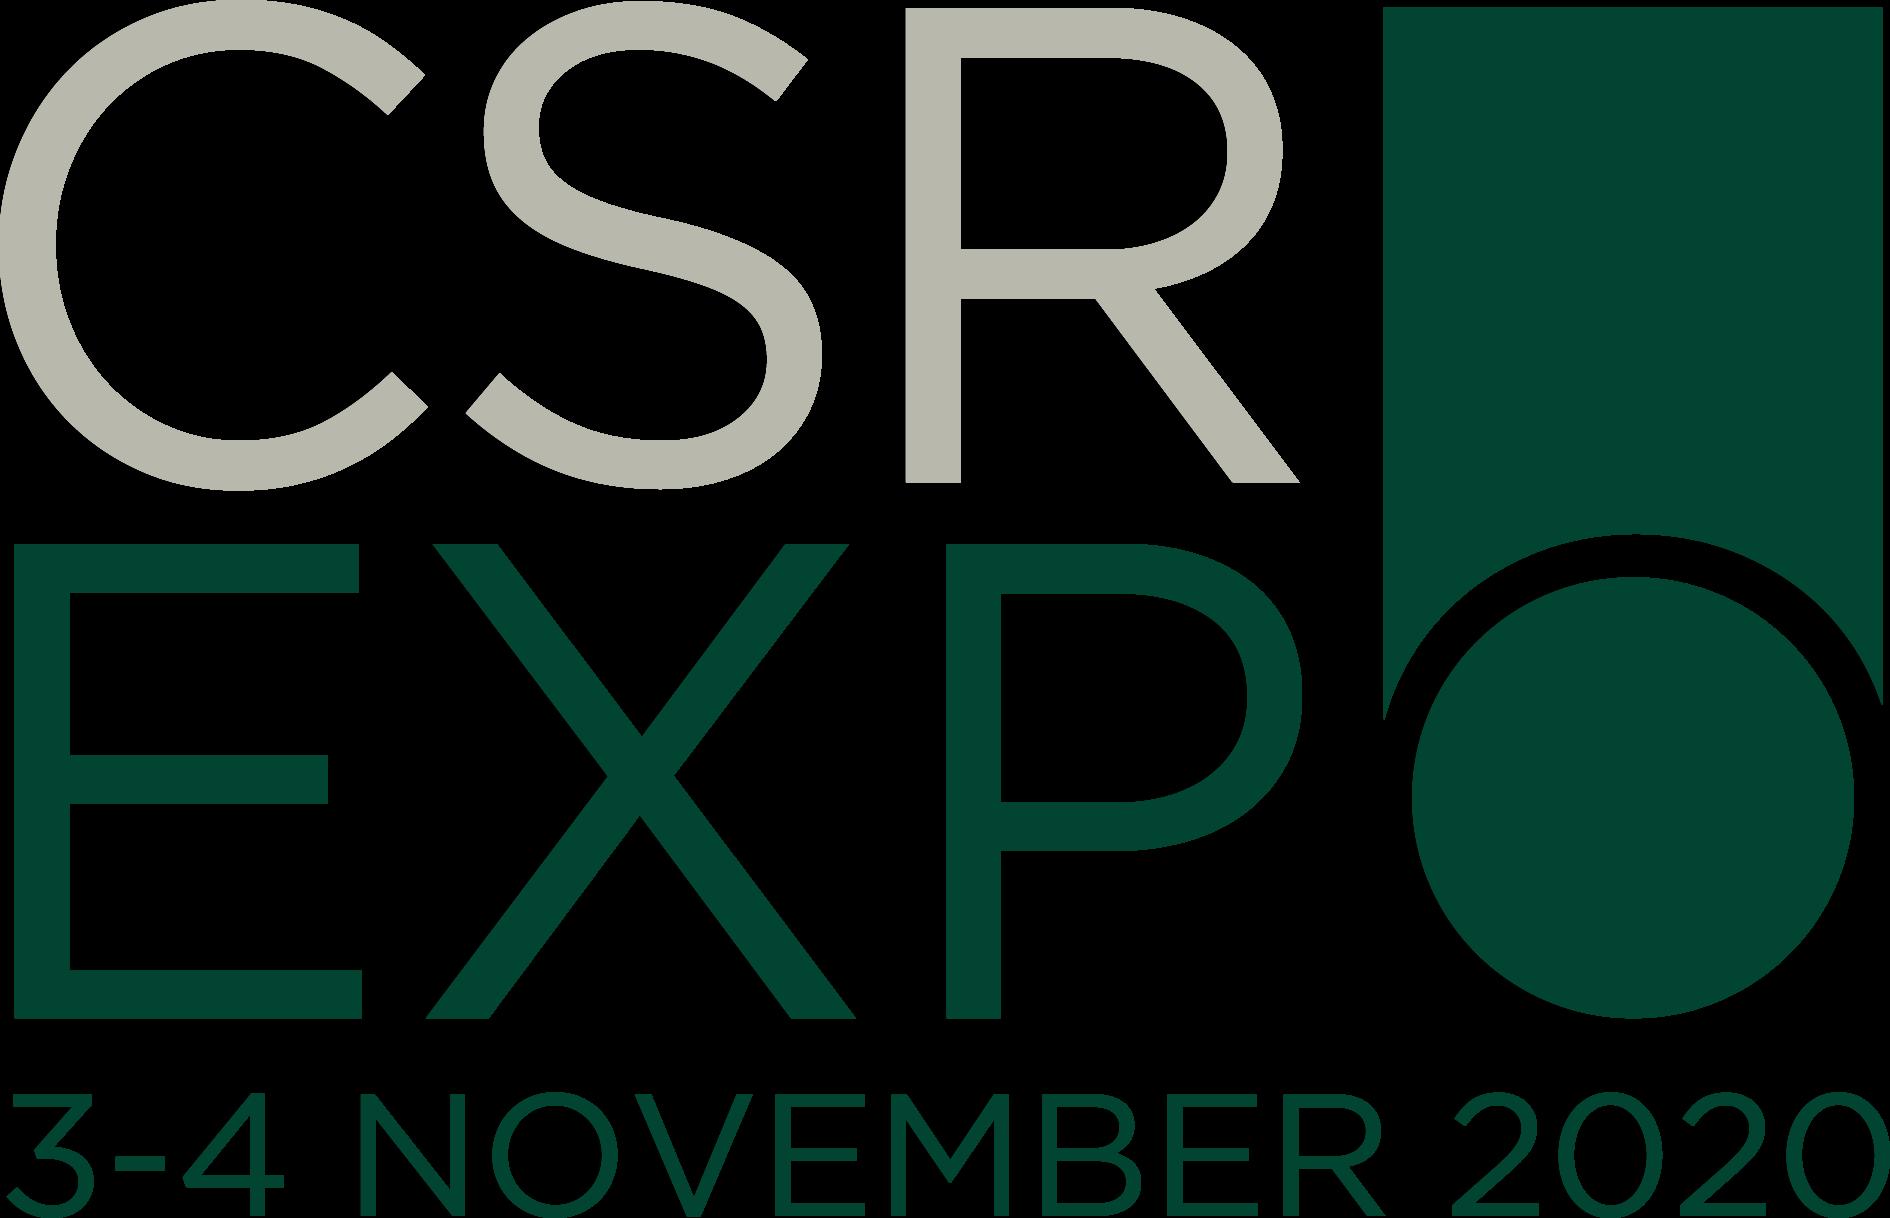 CSR Expo